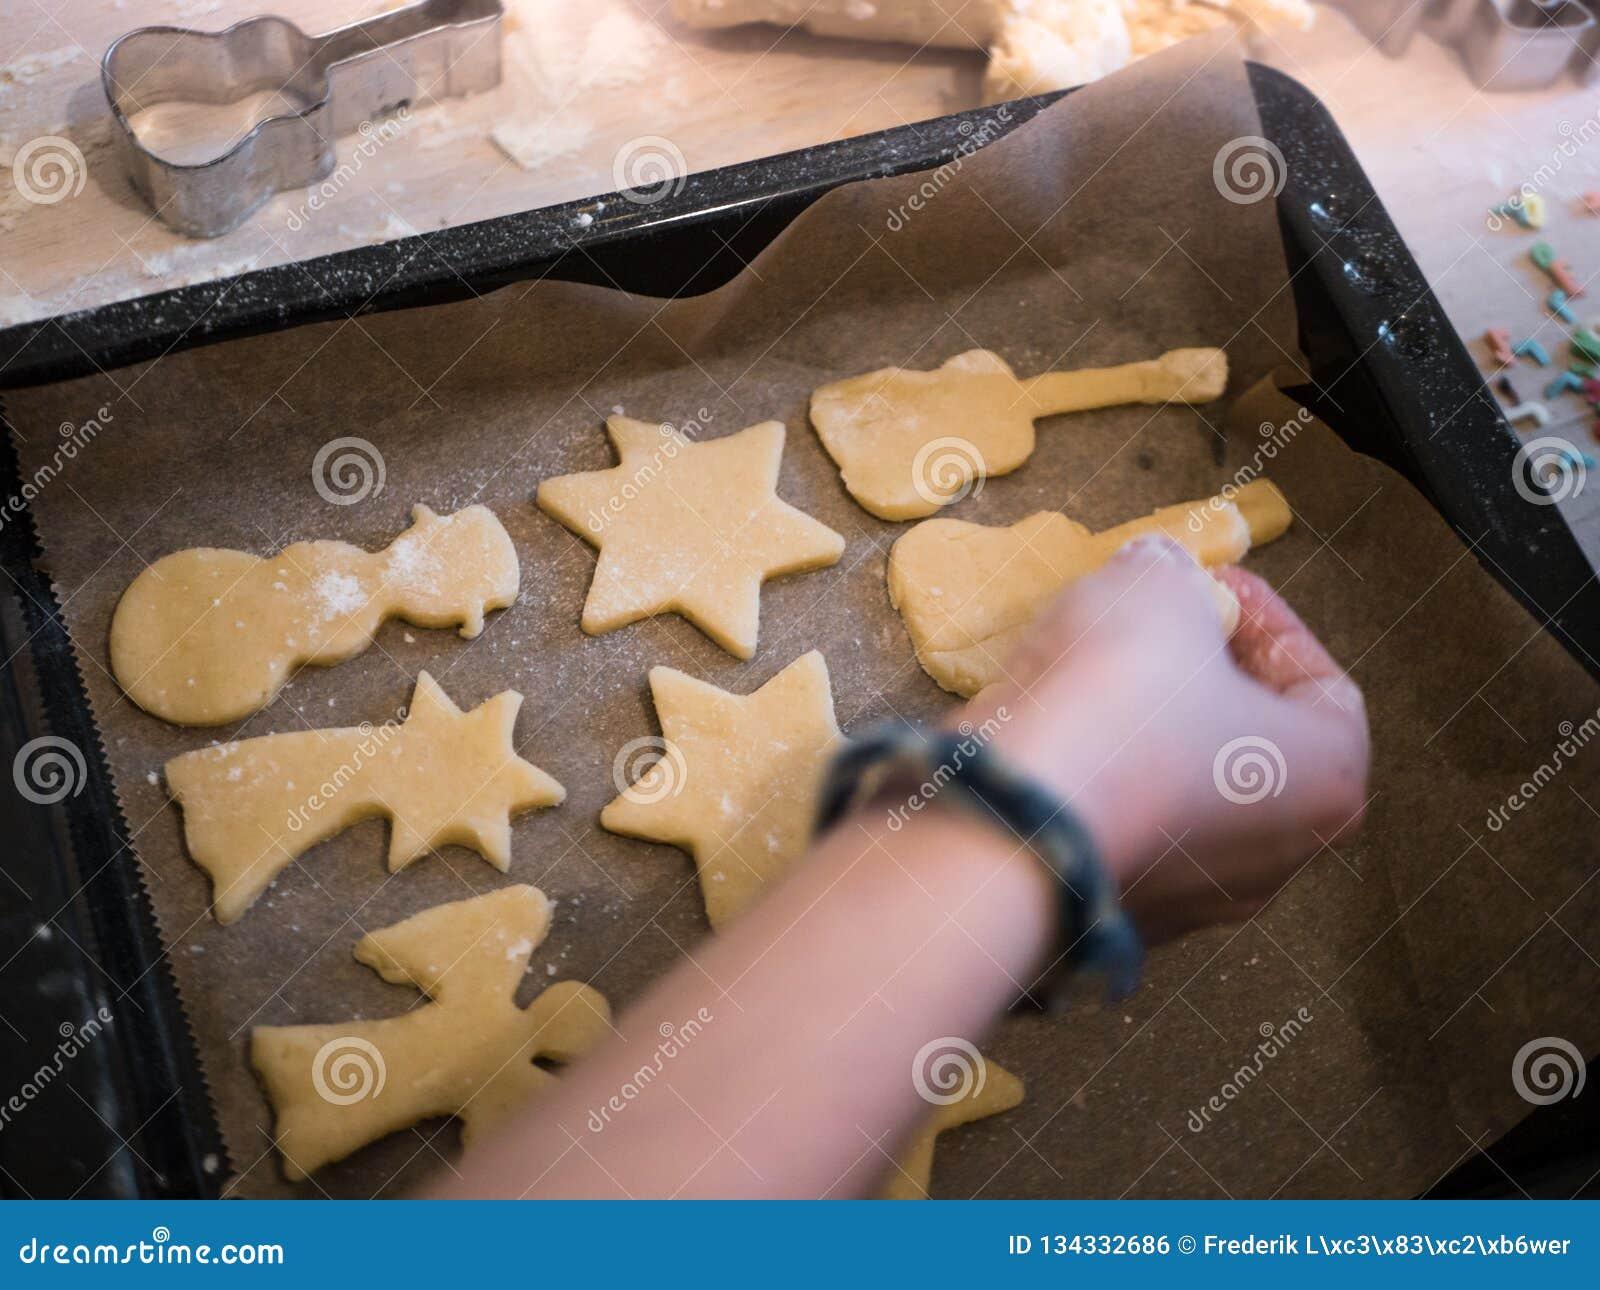 Boulangerie de Noël : Peu fille mettant différentes formes de pâte de biscuit sur un plateau de cuisson